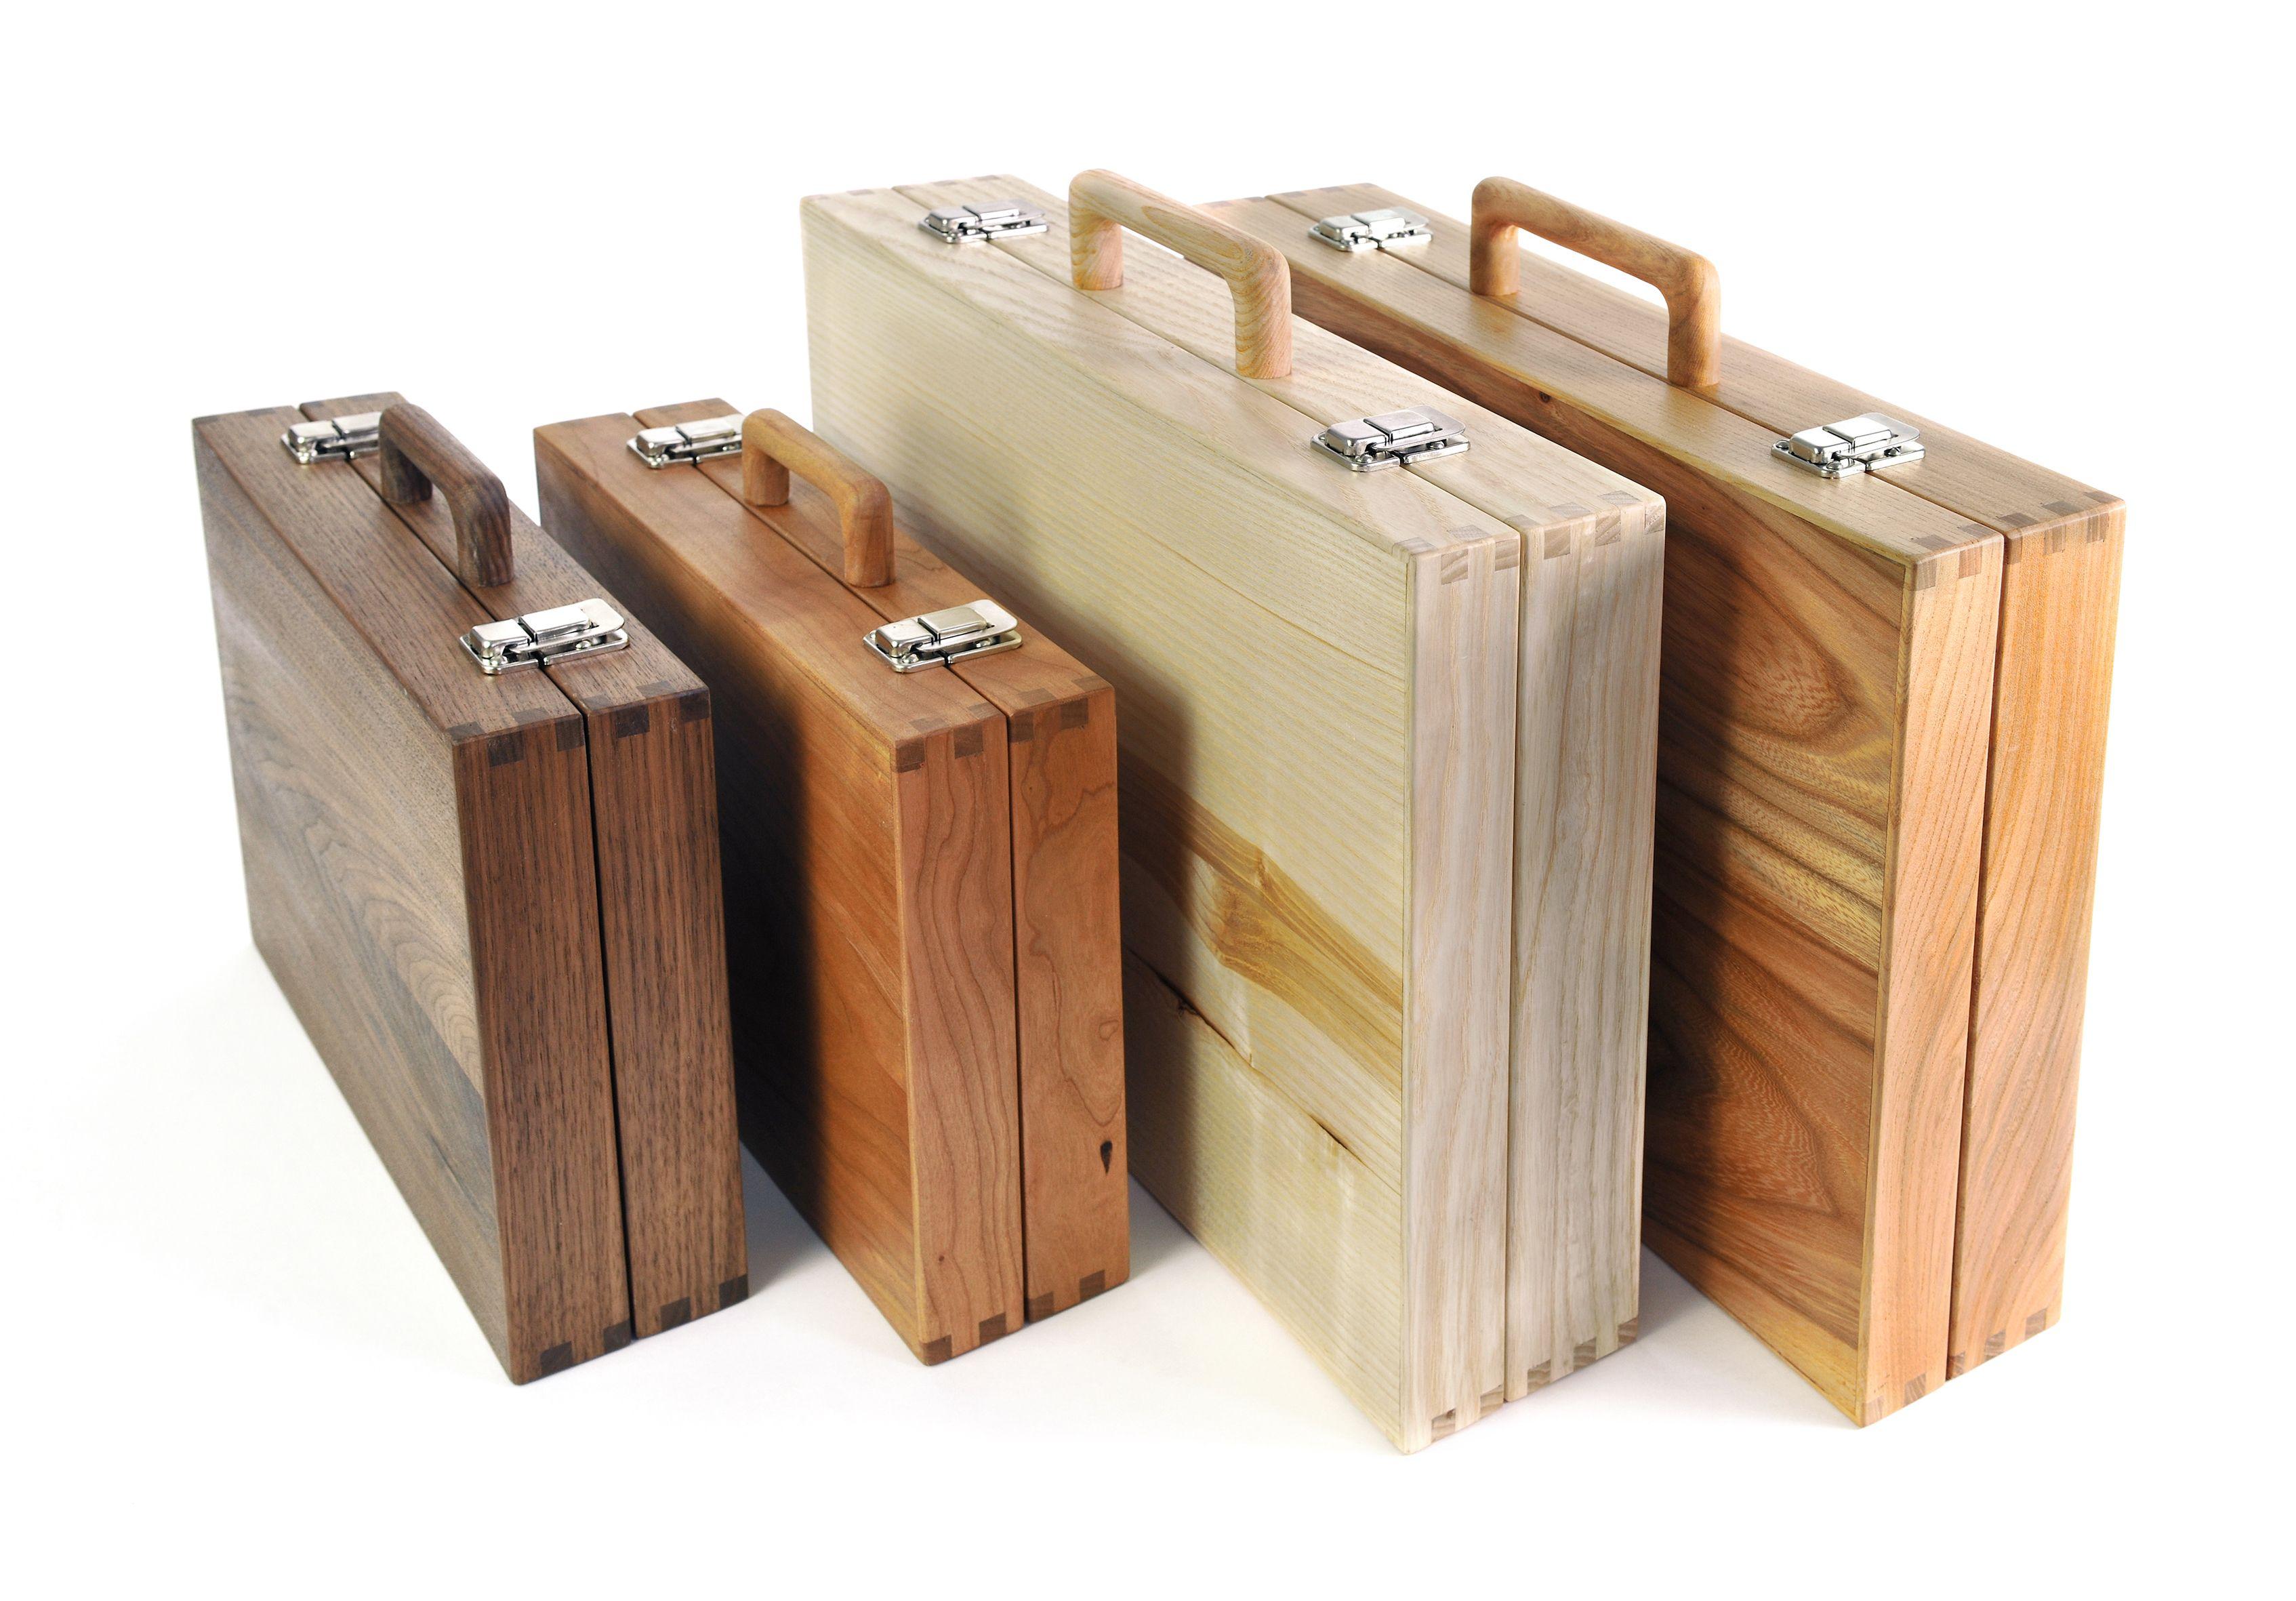 Betere Handgemaakte houten koffers in twee praktische gangbare maten AW-34